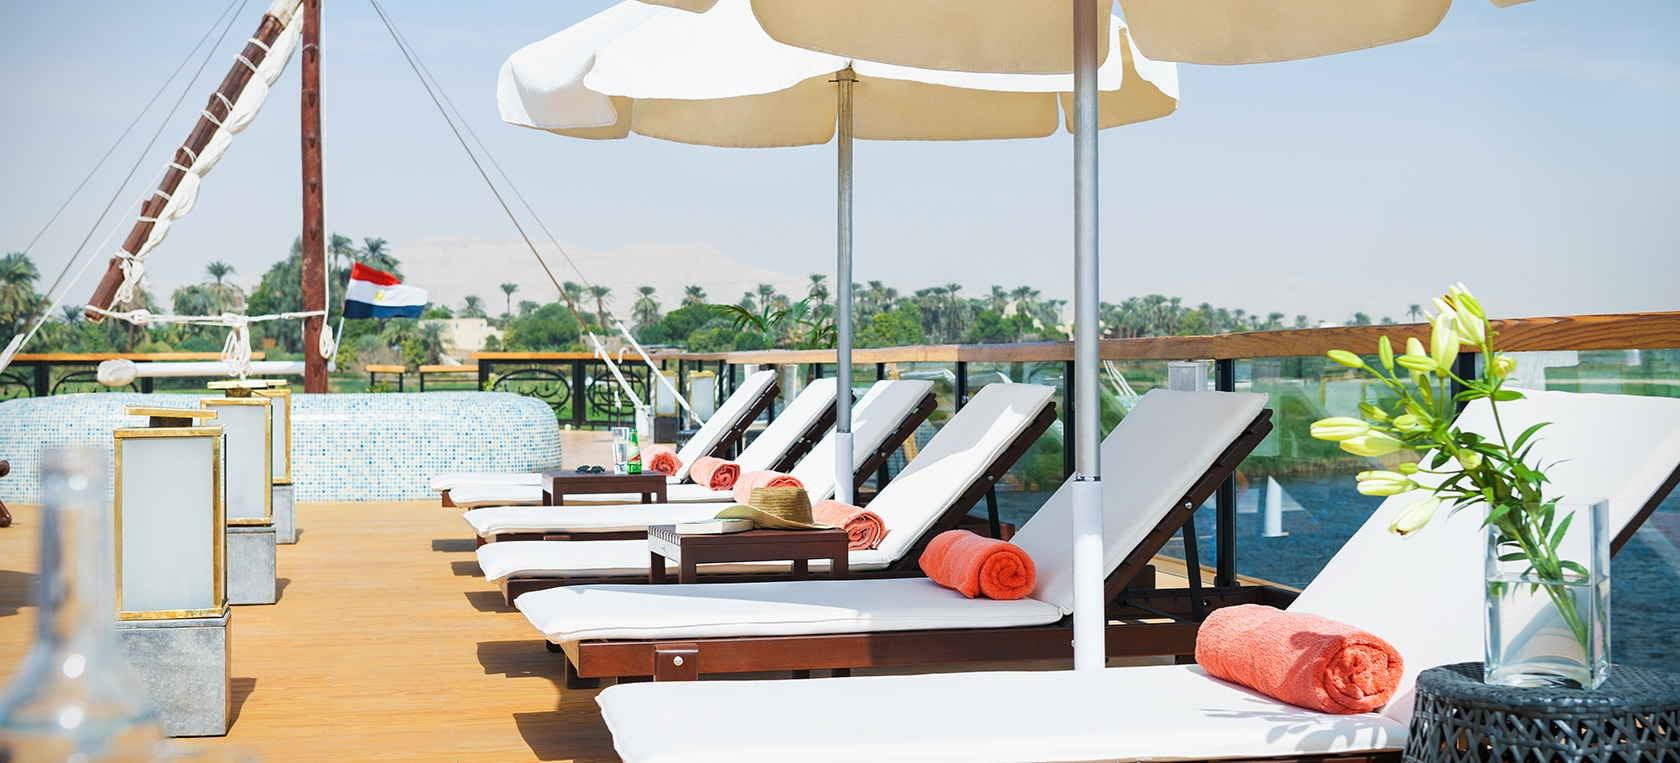 Zein Nile Chateau Cruise Ship, Nile River | Egypt